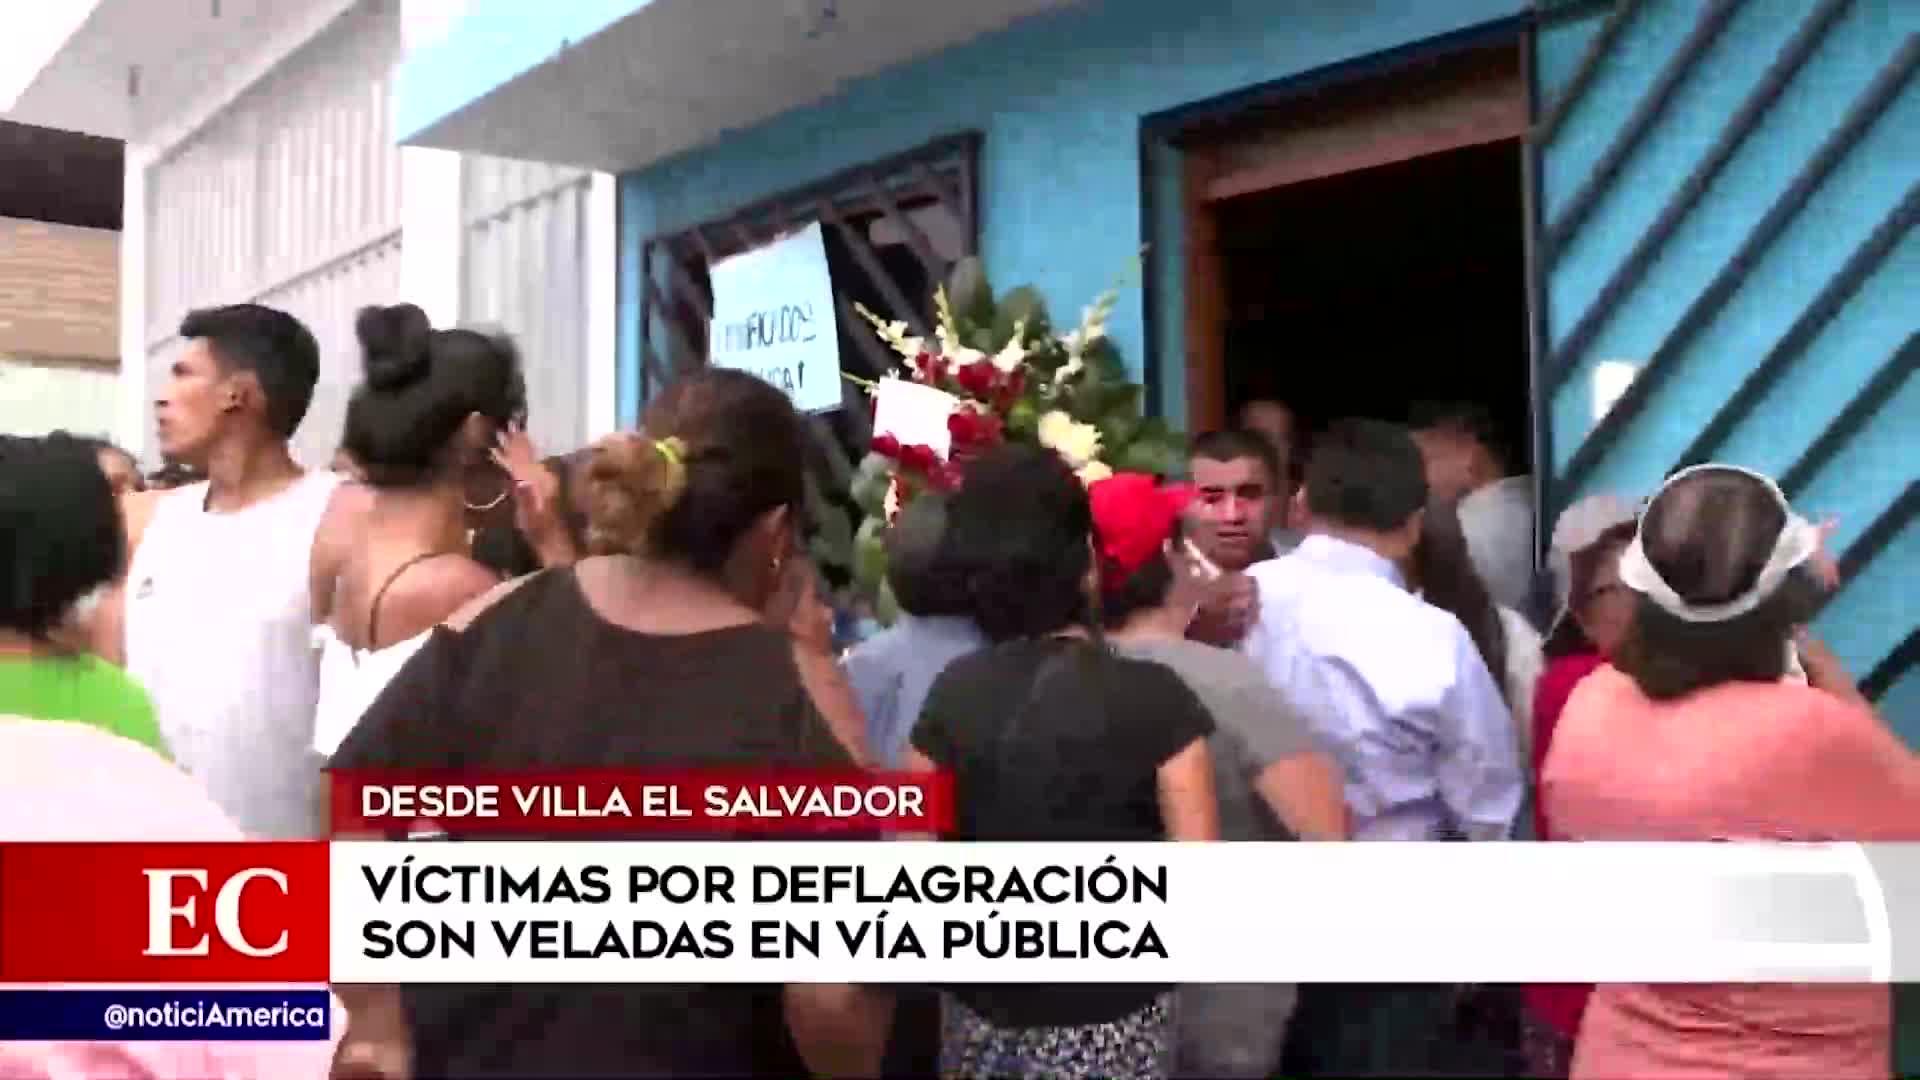 Victimas del incendio en Villa El Salvador son veladas en la vía pública